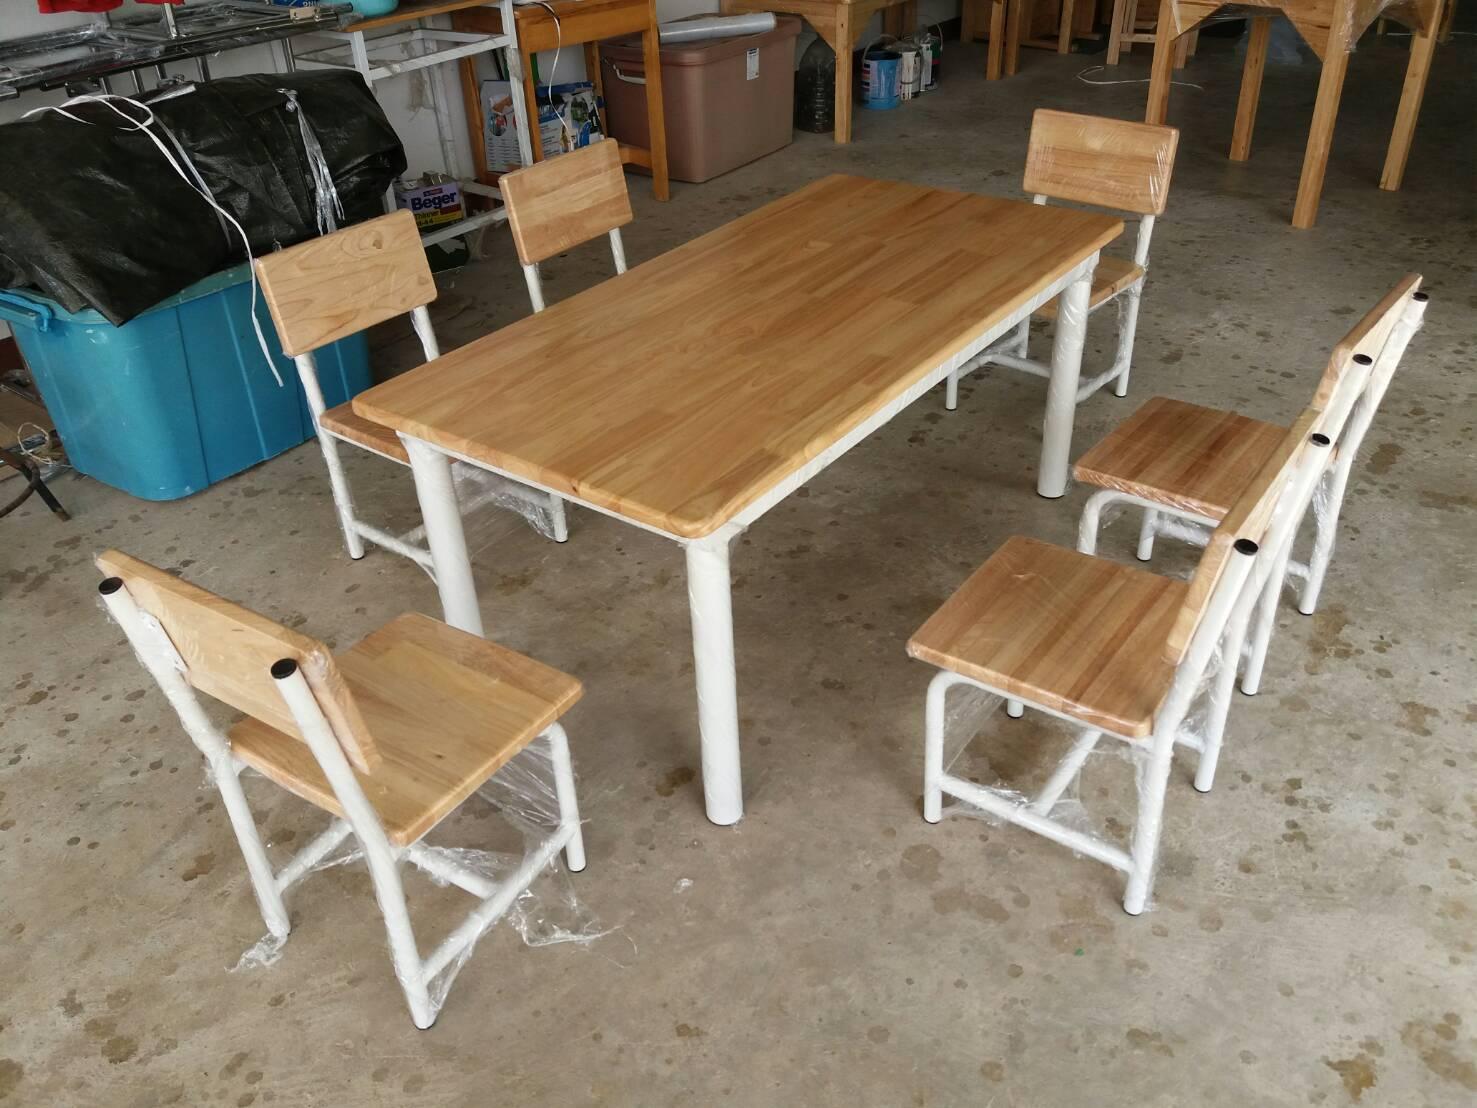 โต๊ะ กลุ่ม อนุบาล หน้าไม้ยางพารา